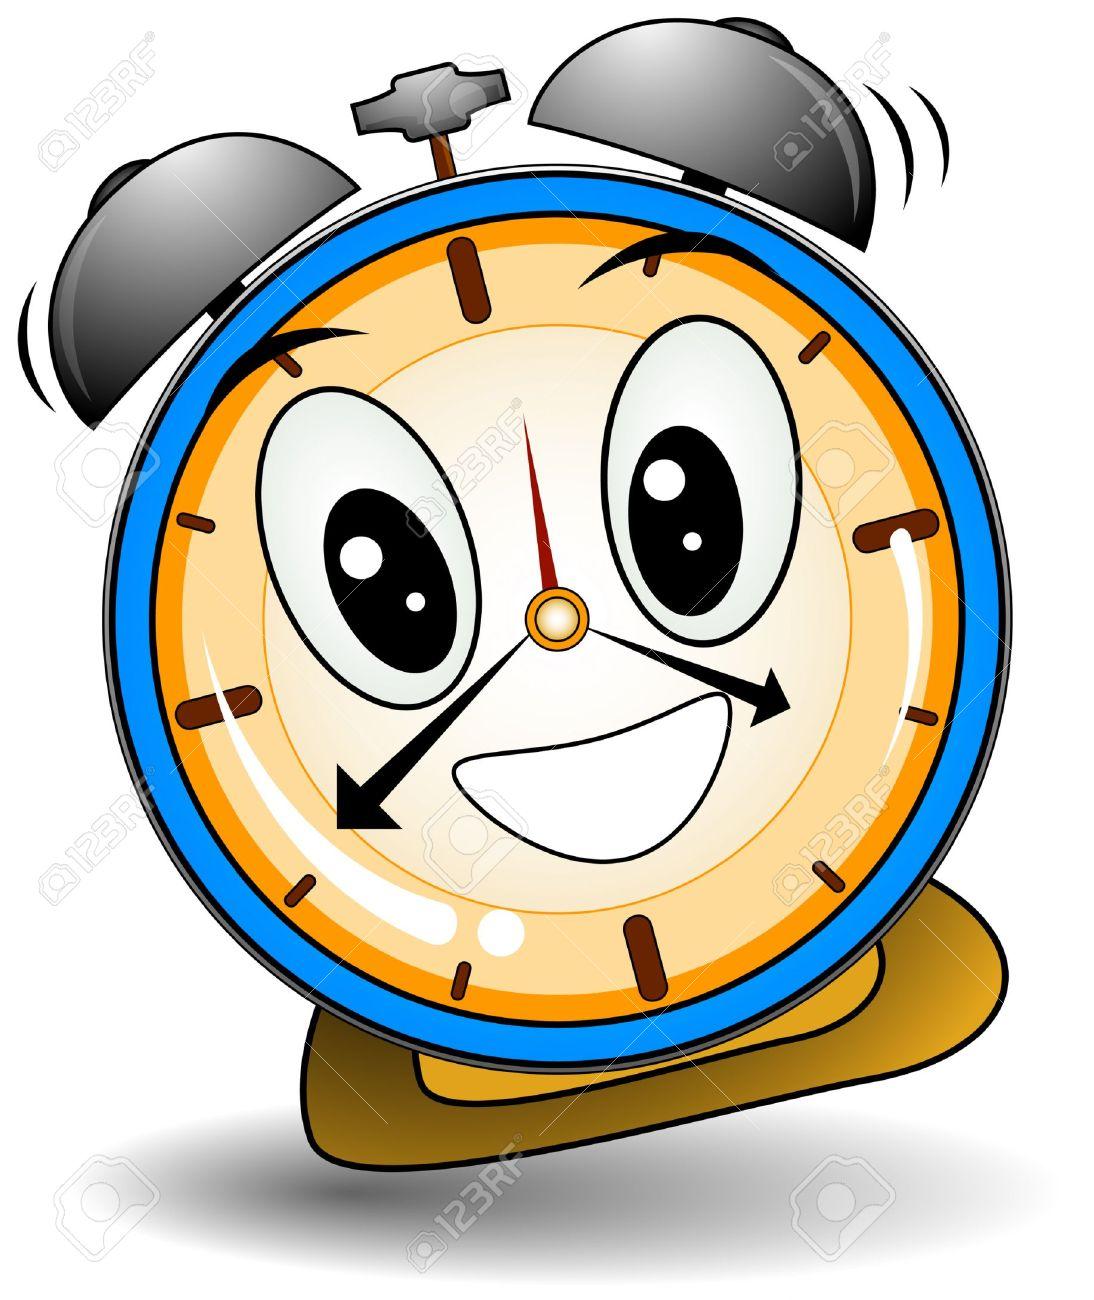 Ringing Alarm Clock Free .-Ringing Alarm Clock Free .-12